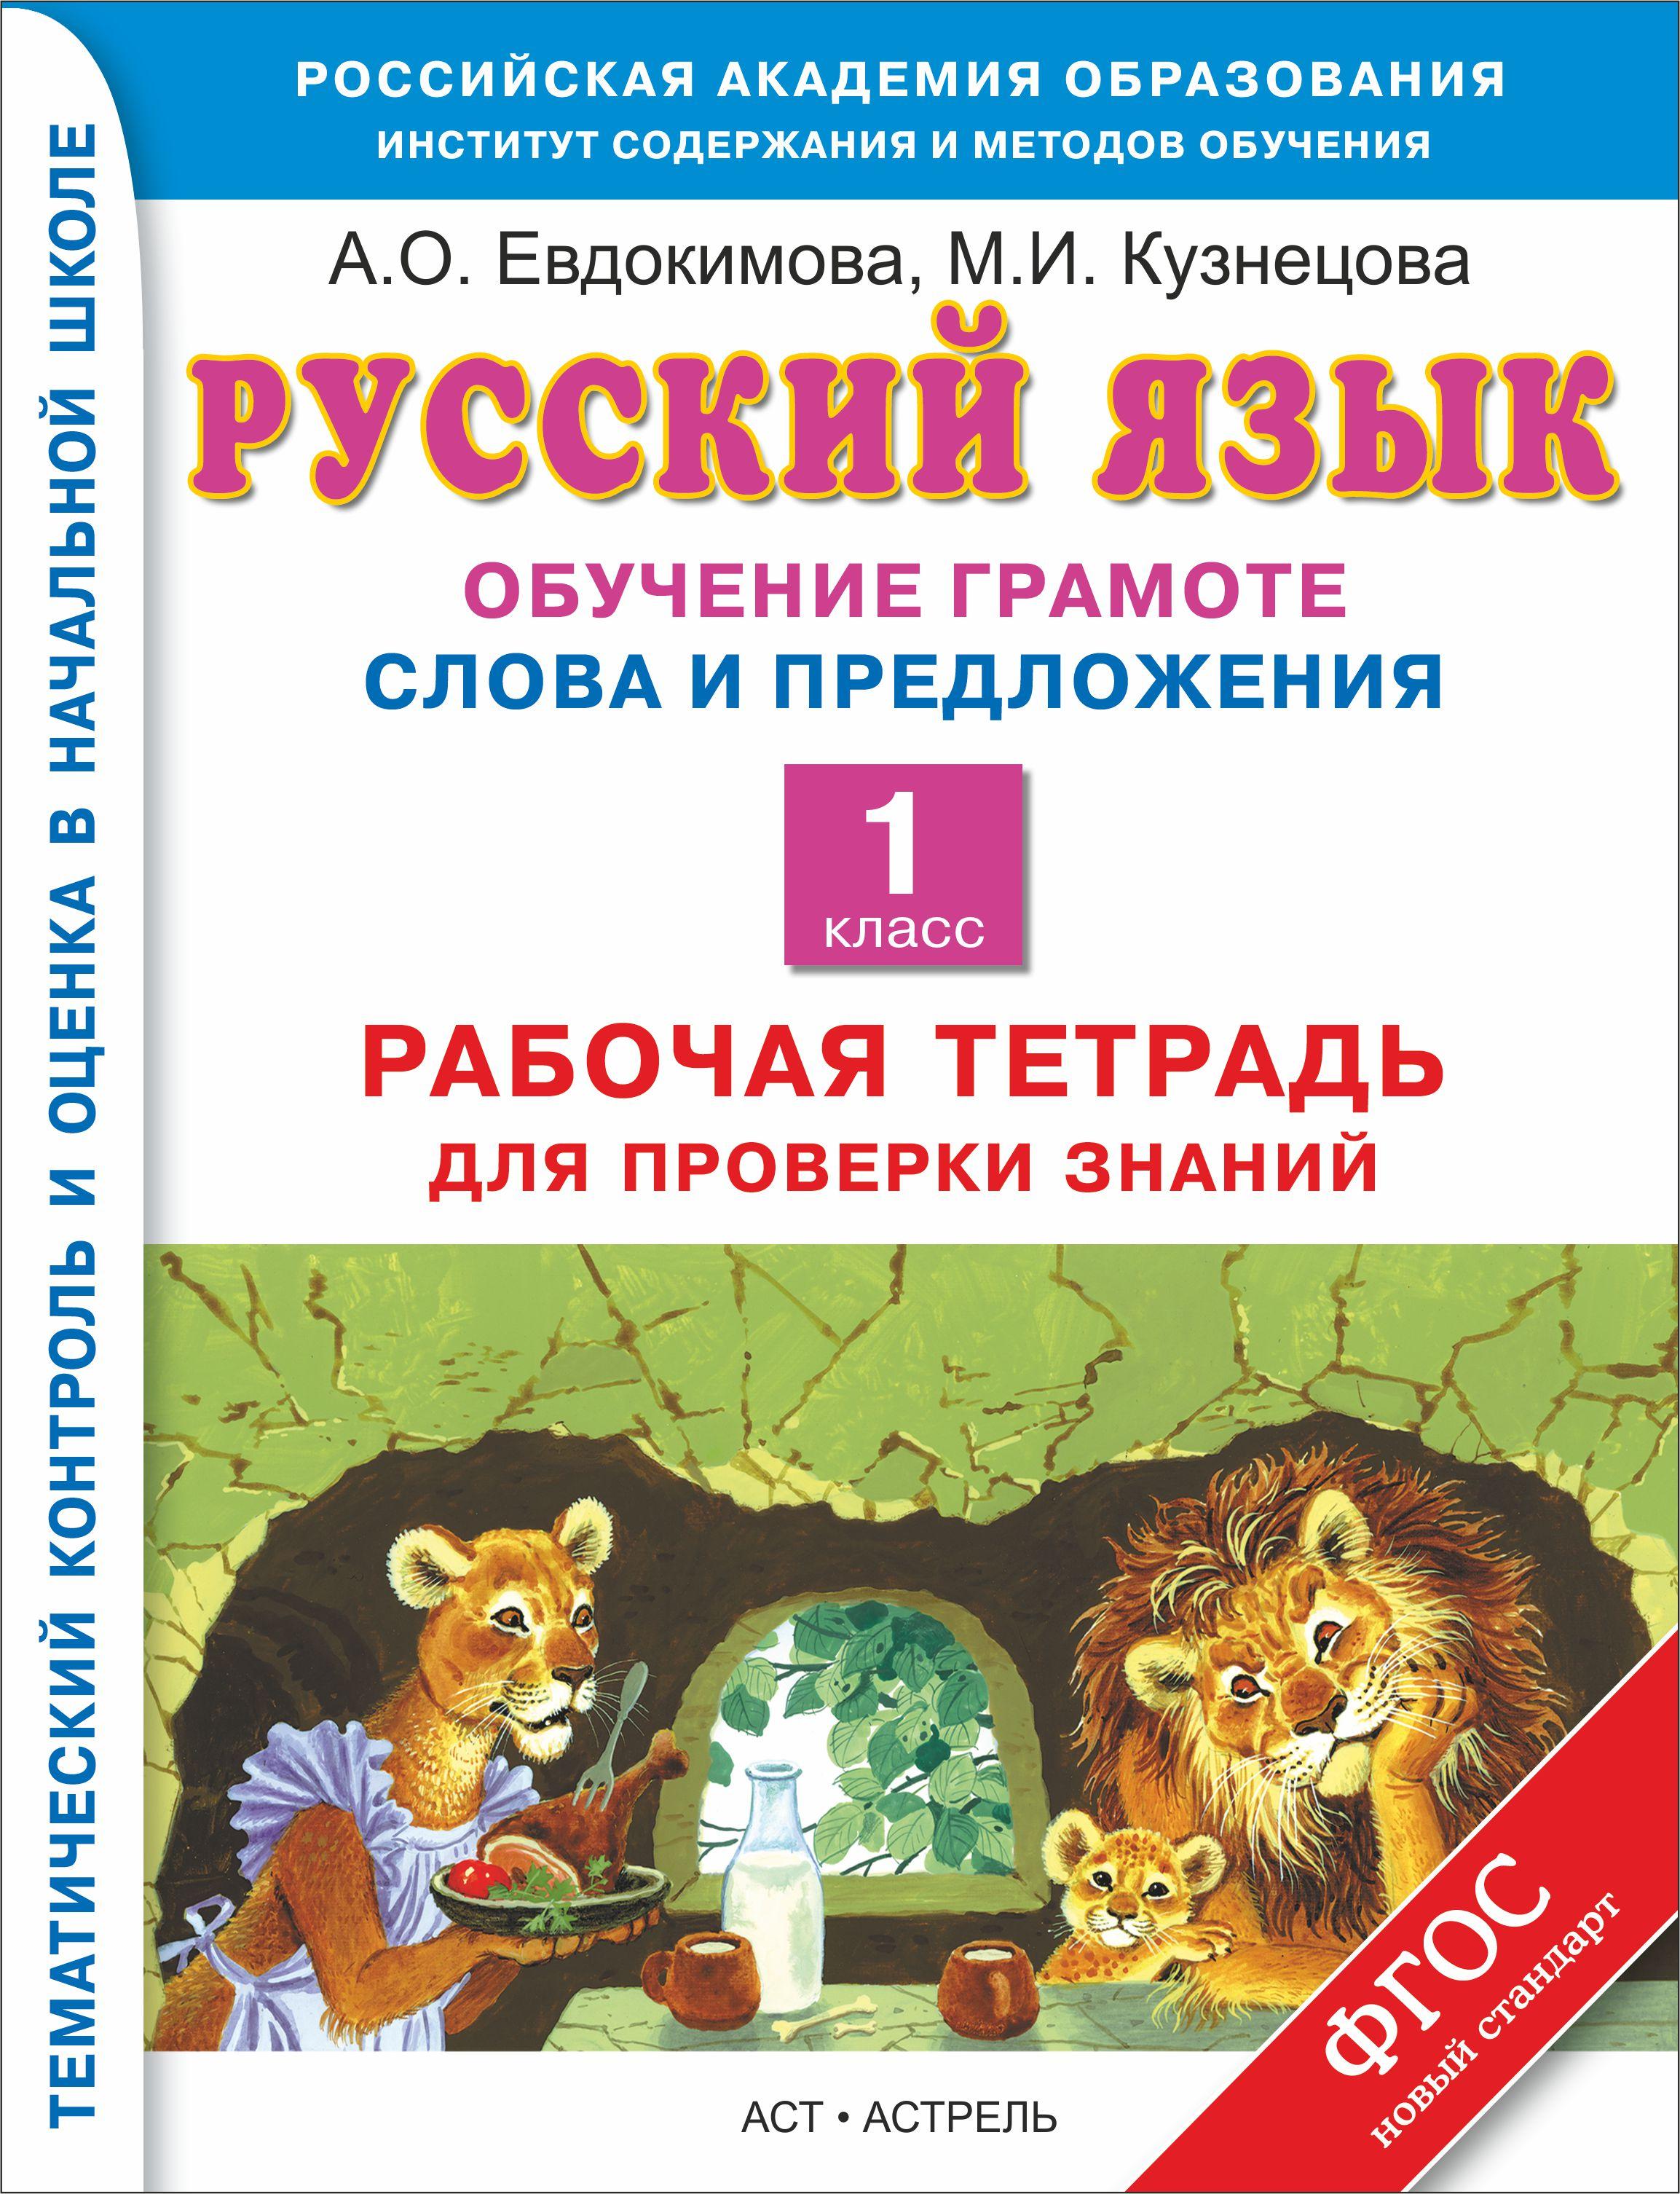 Русский язык. Обучение грамоте. Слова и предложения. 1 класс. Рабочая тетрадь для проверки знаний